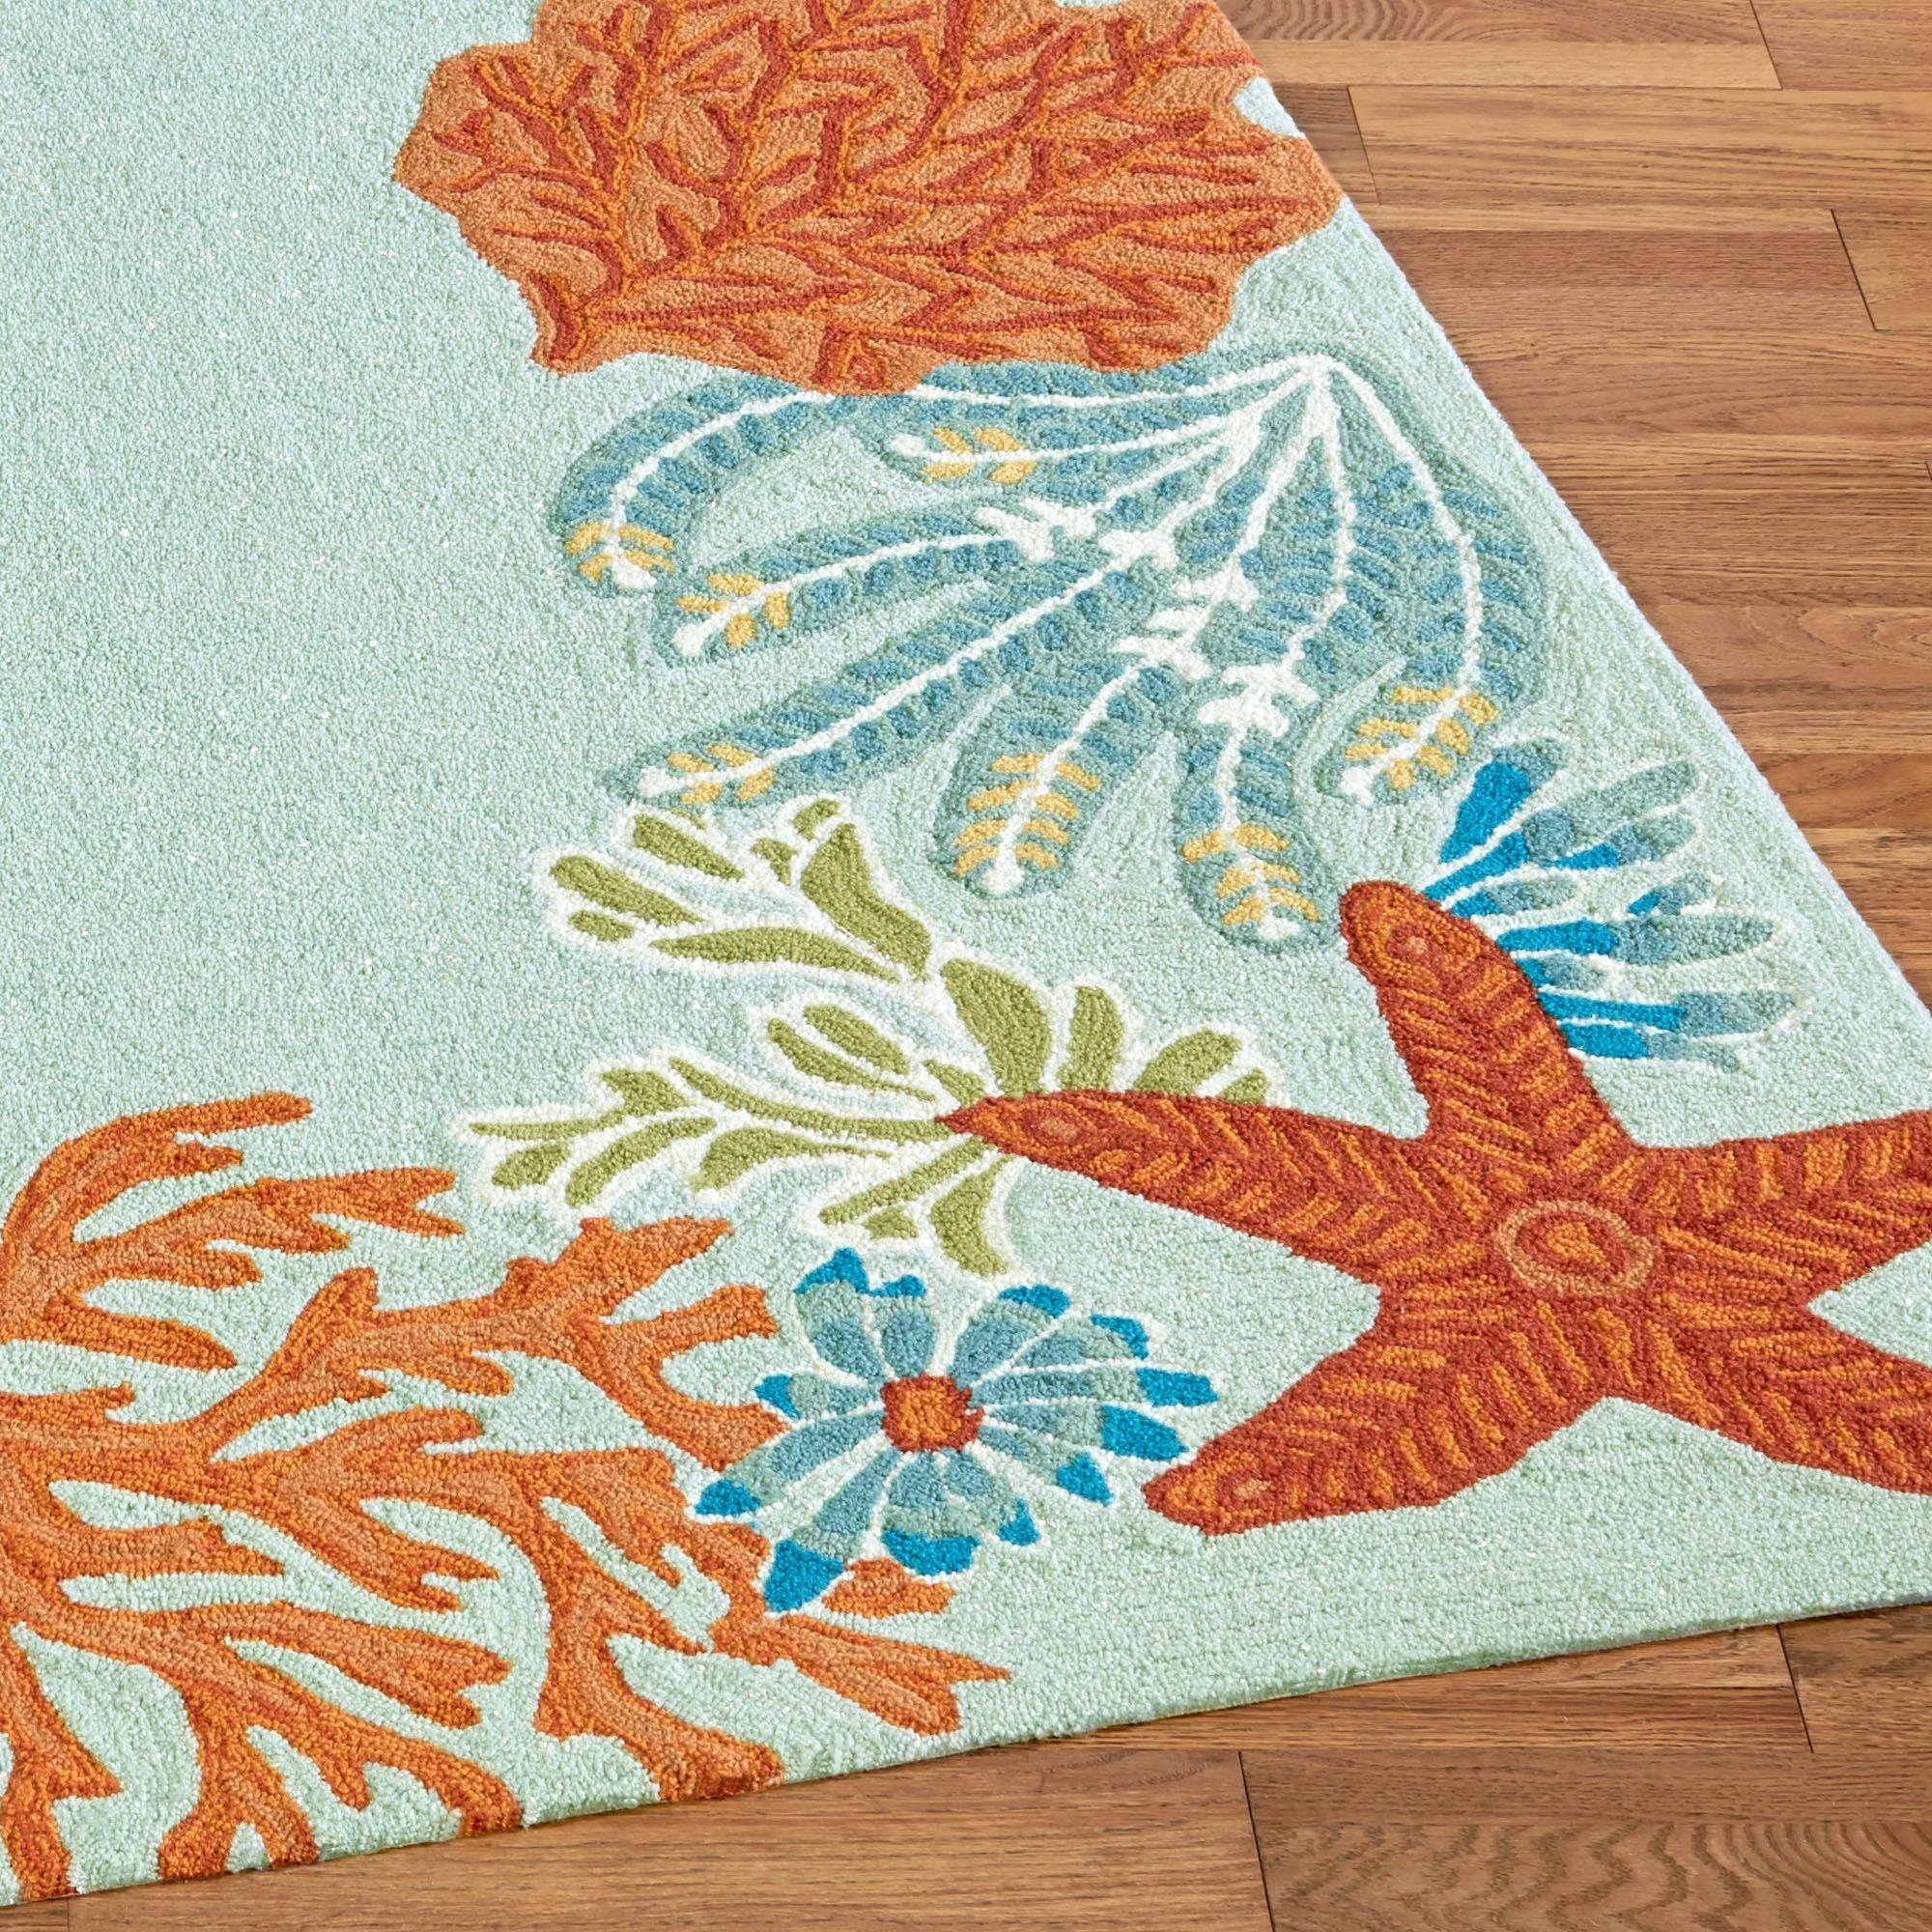 Ocean Scene Indoor Outdoor Area Rugs by Liora Manne